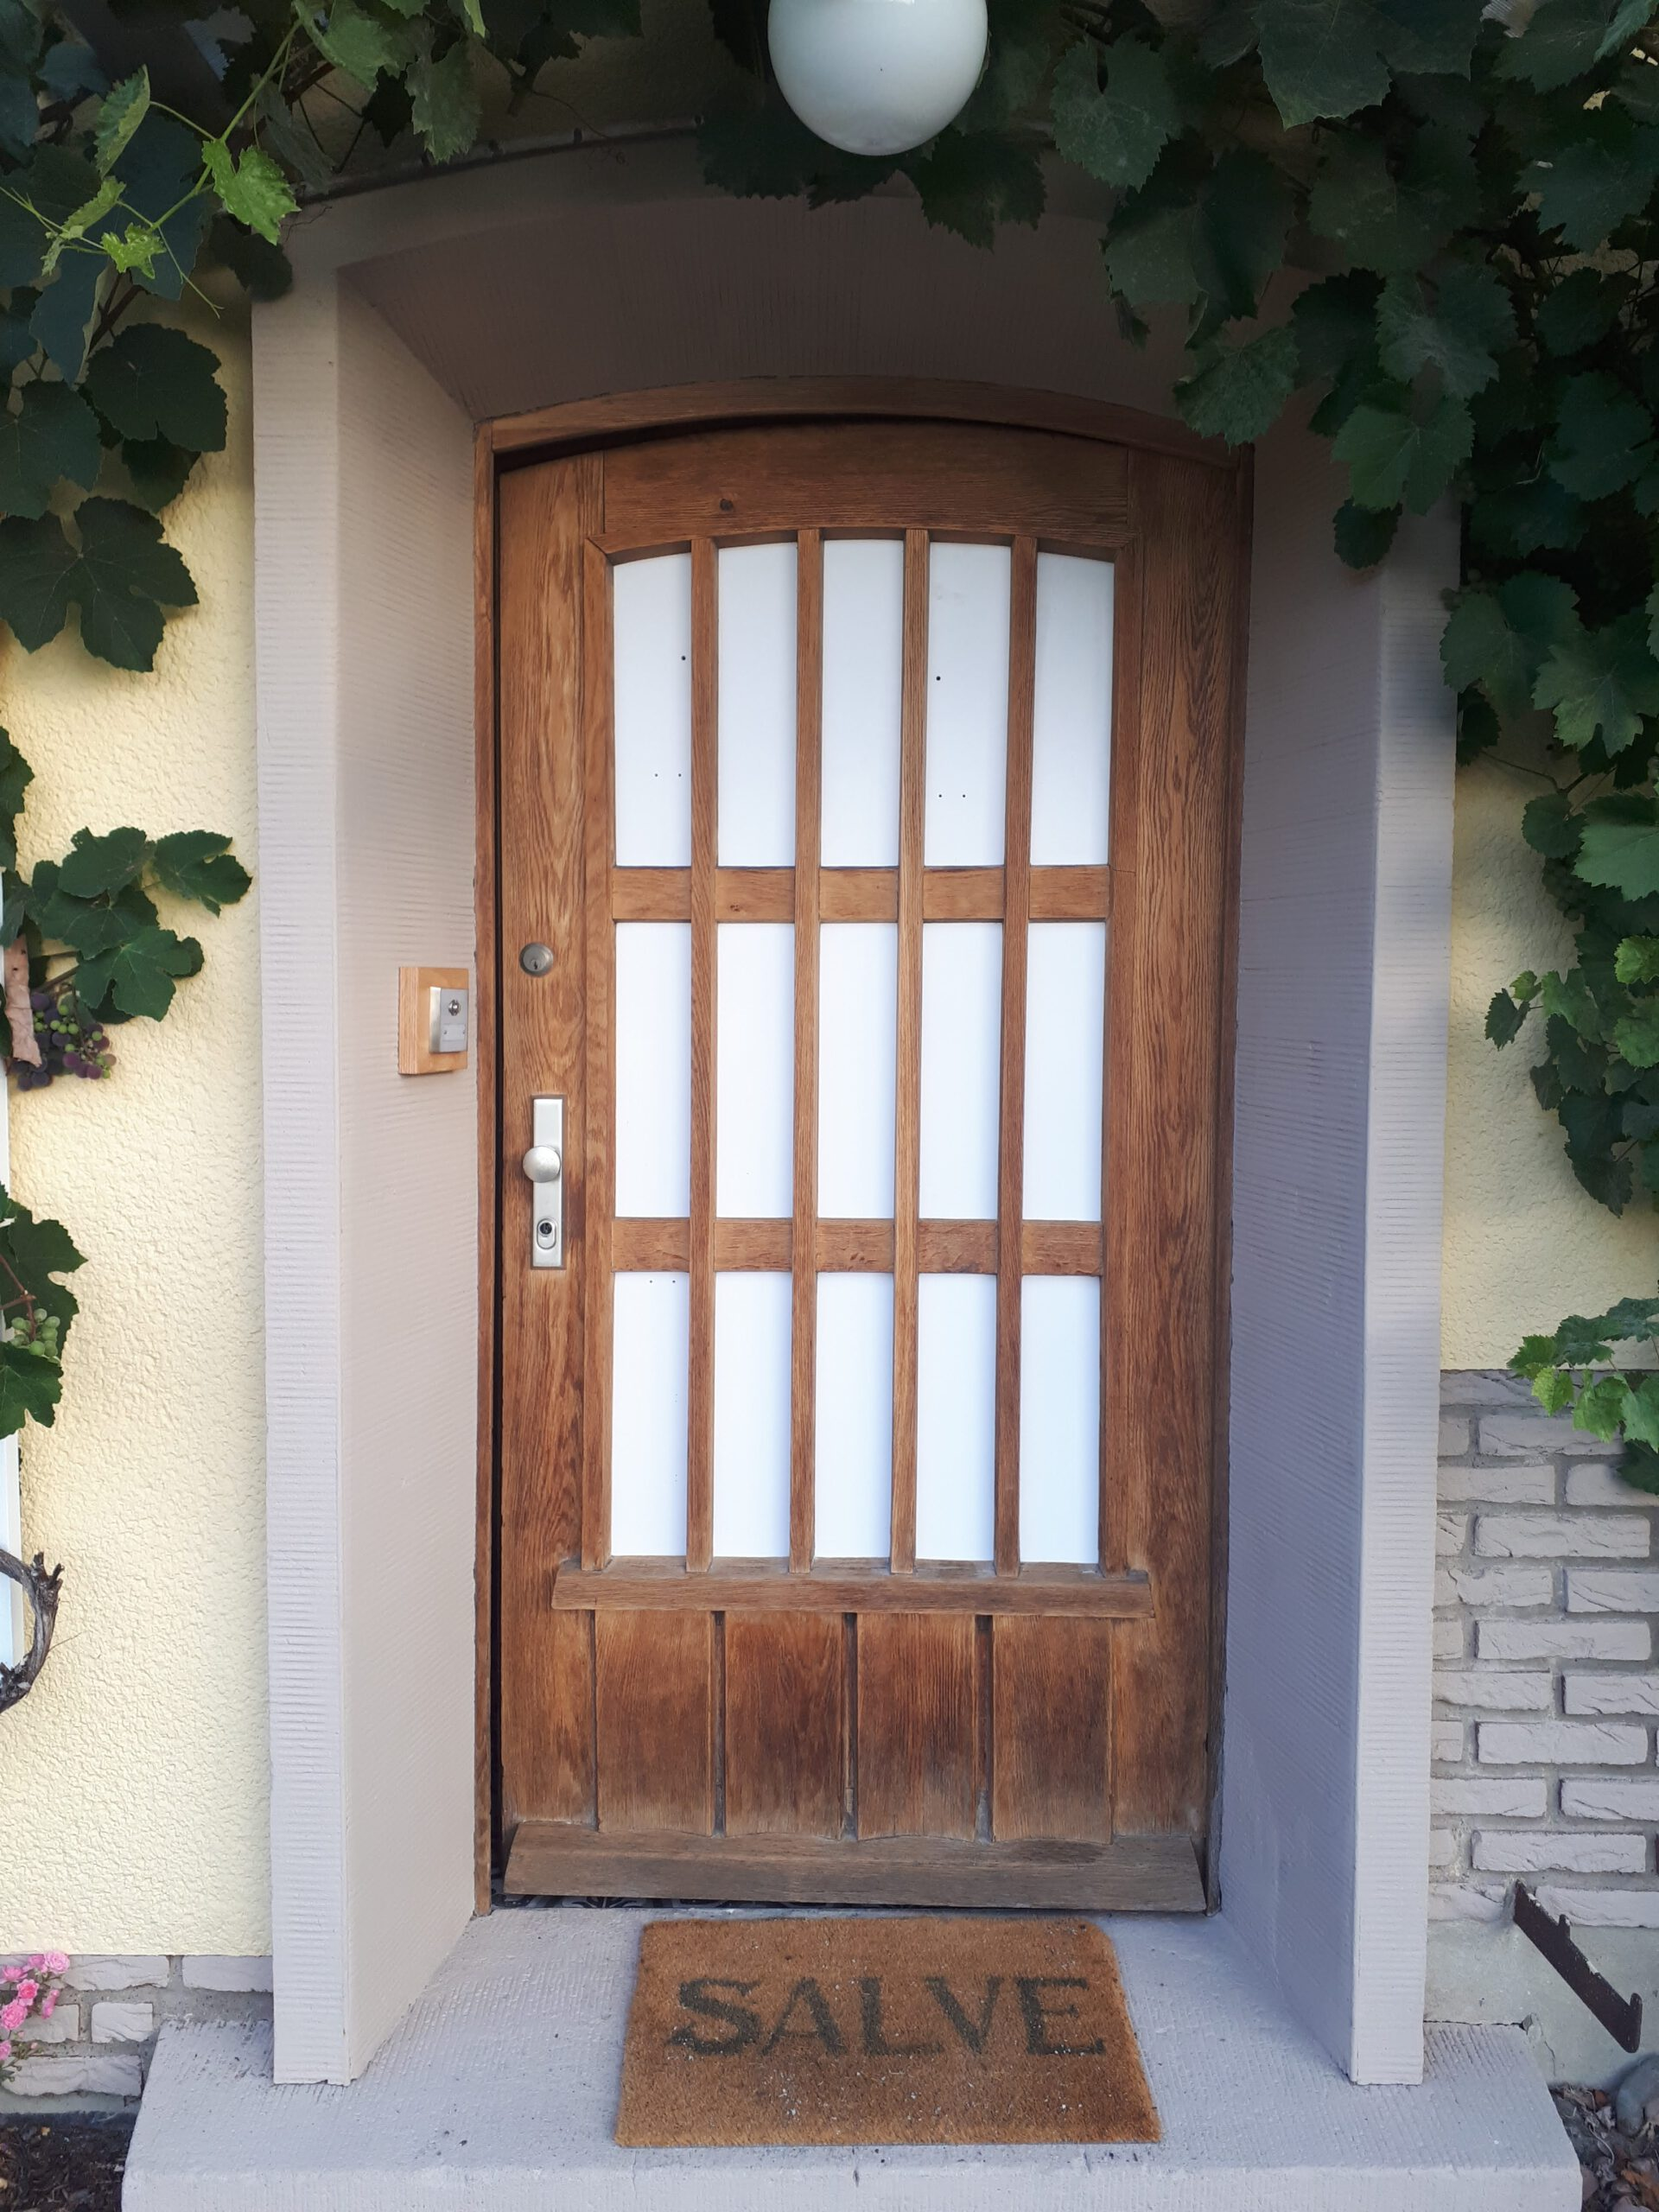 Kunststoffplatten in der alten Haustür während der Sanierung